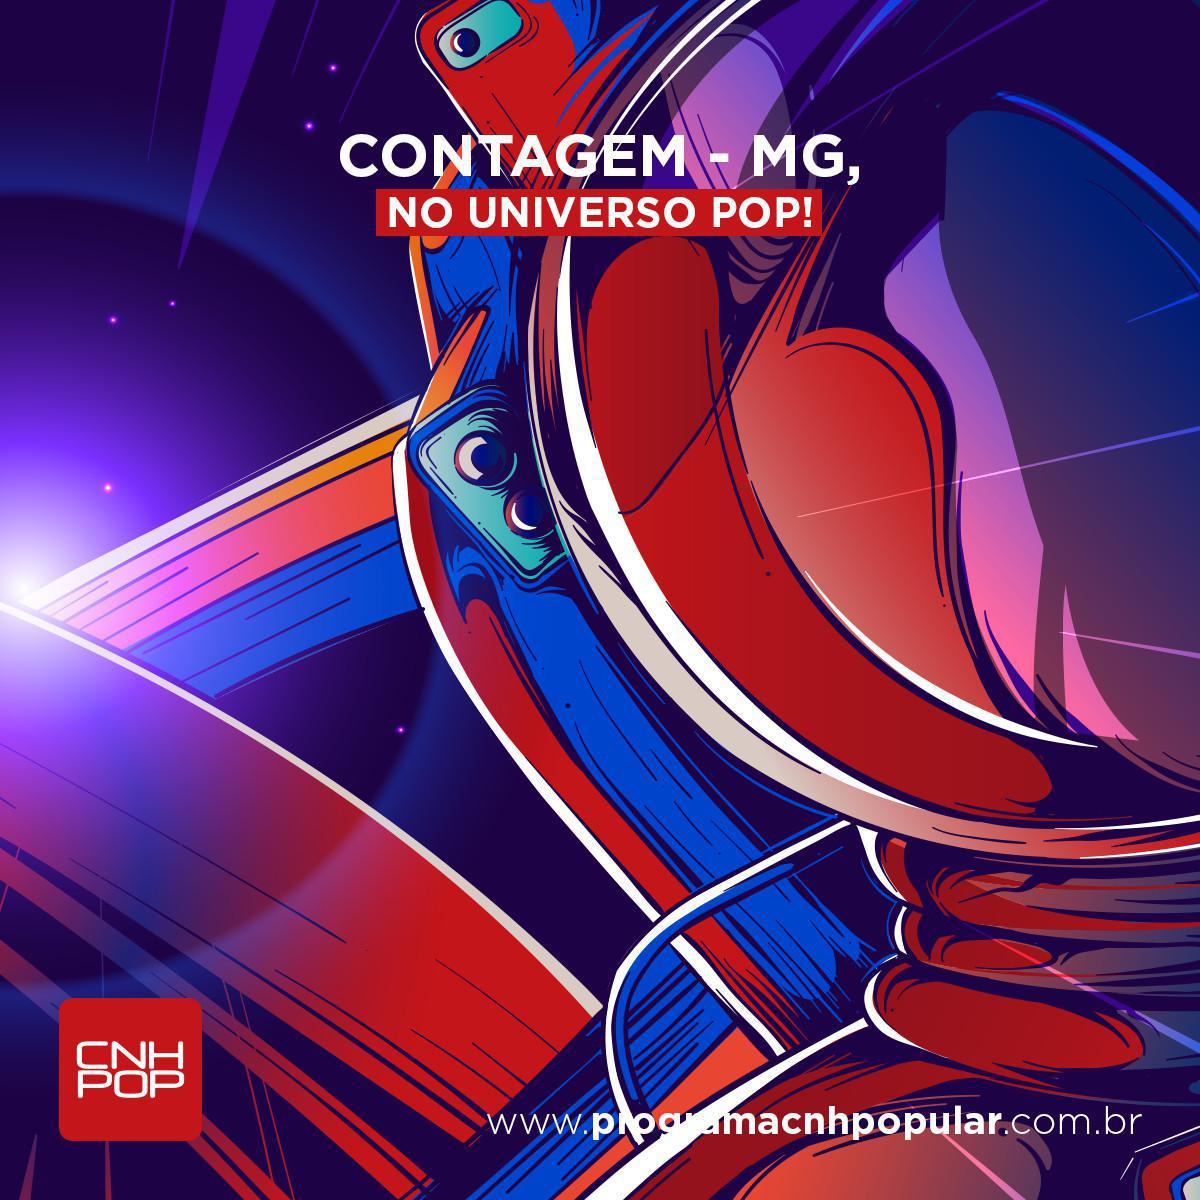 CONTAGEM- MG, BEM-VINDOS AO UNIVERSO POP!